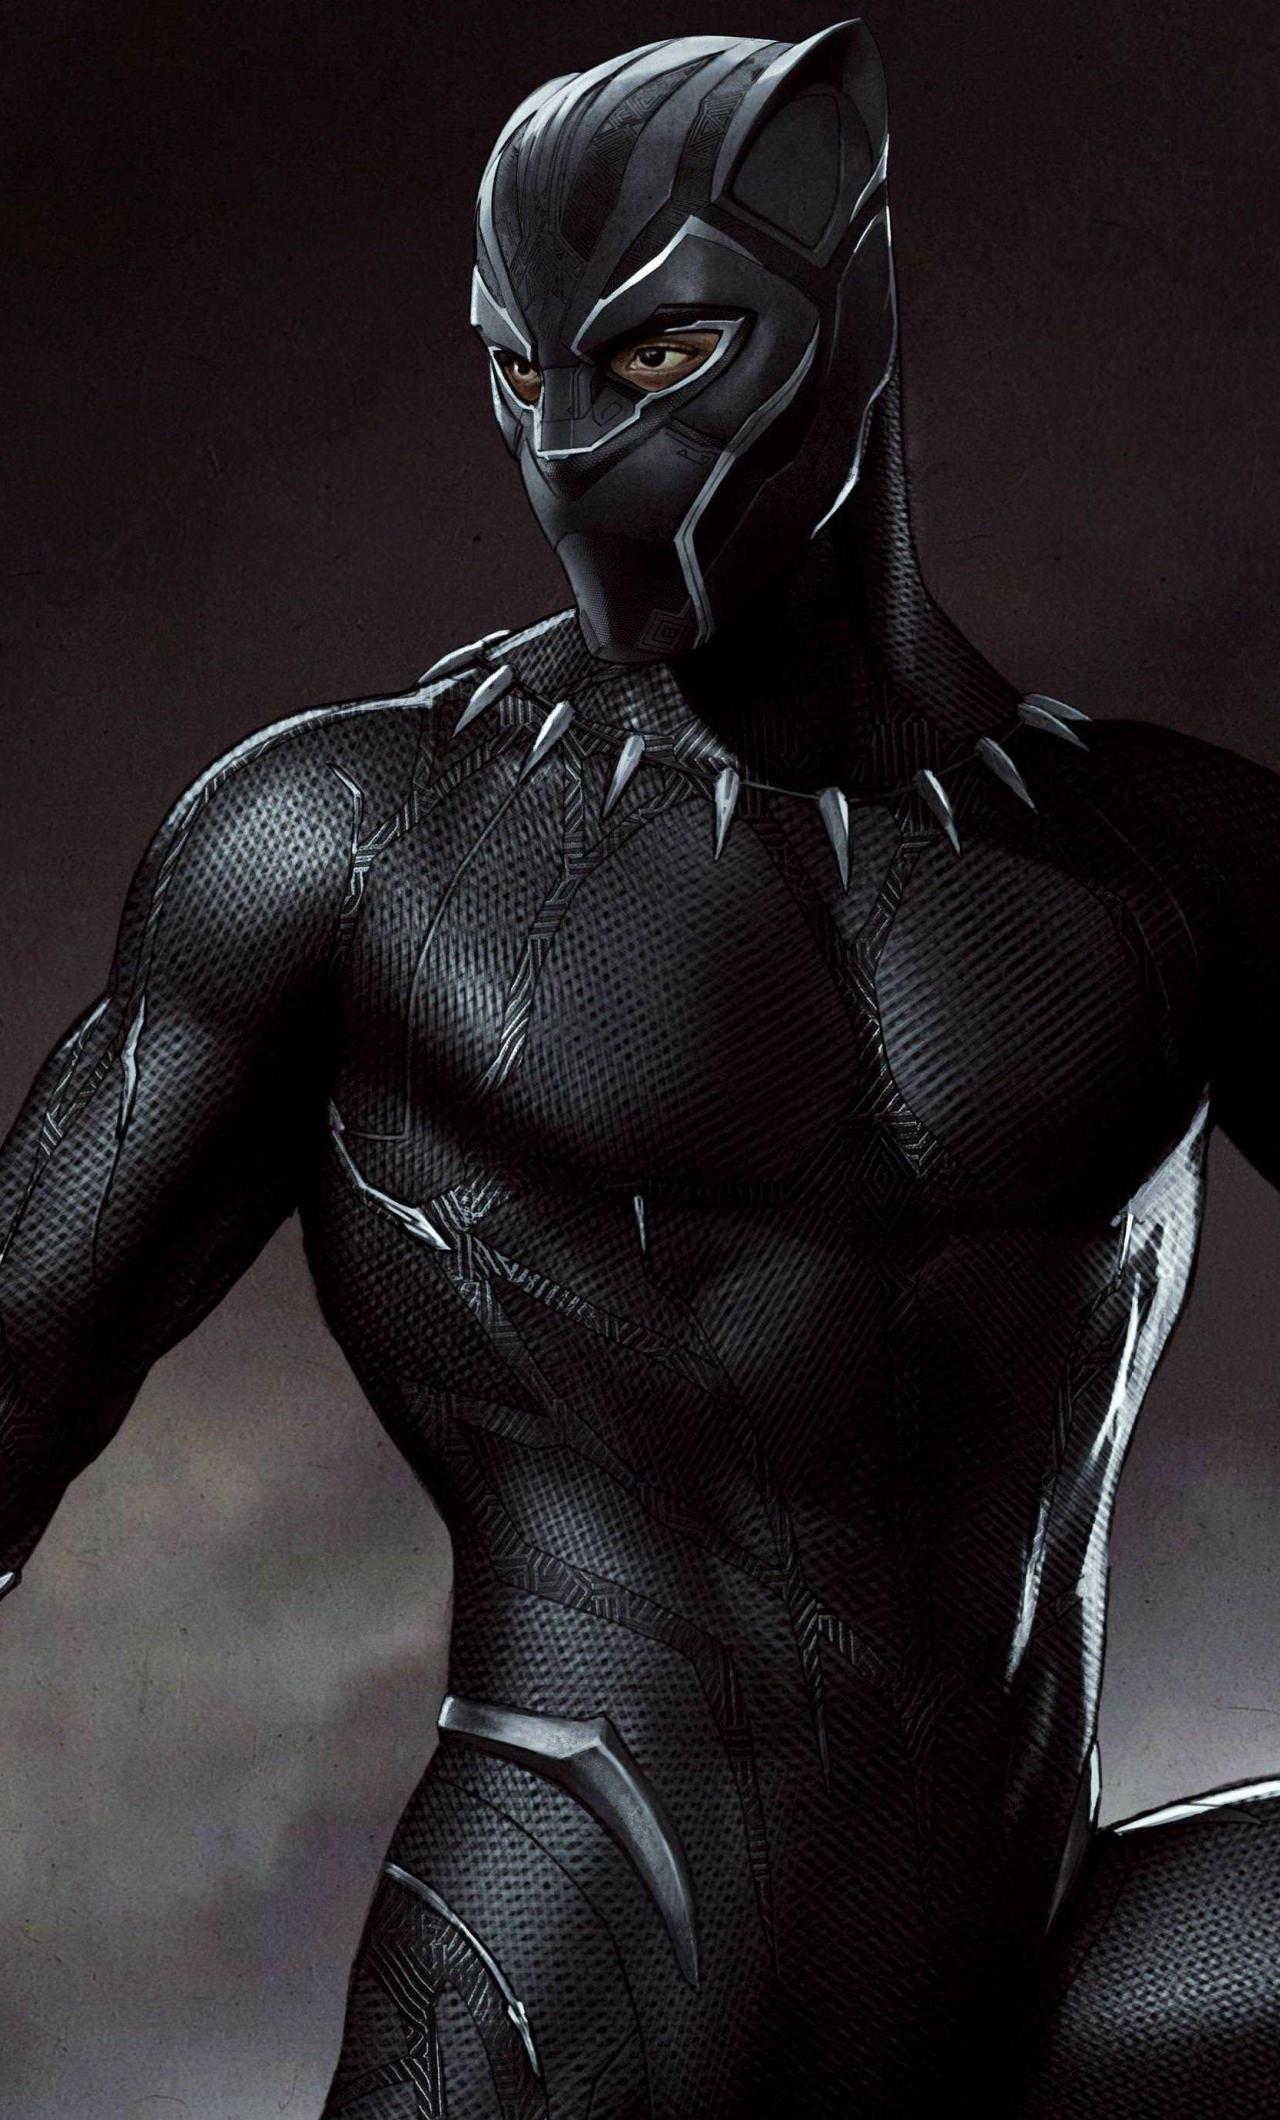 Wallpaper Black Panther, Artwork, 4K, 8K, Movies, 8692 ...